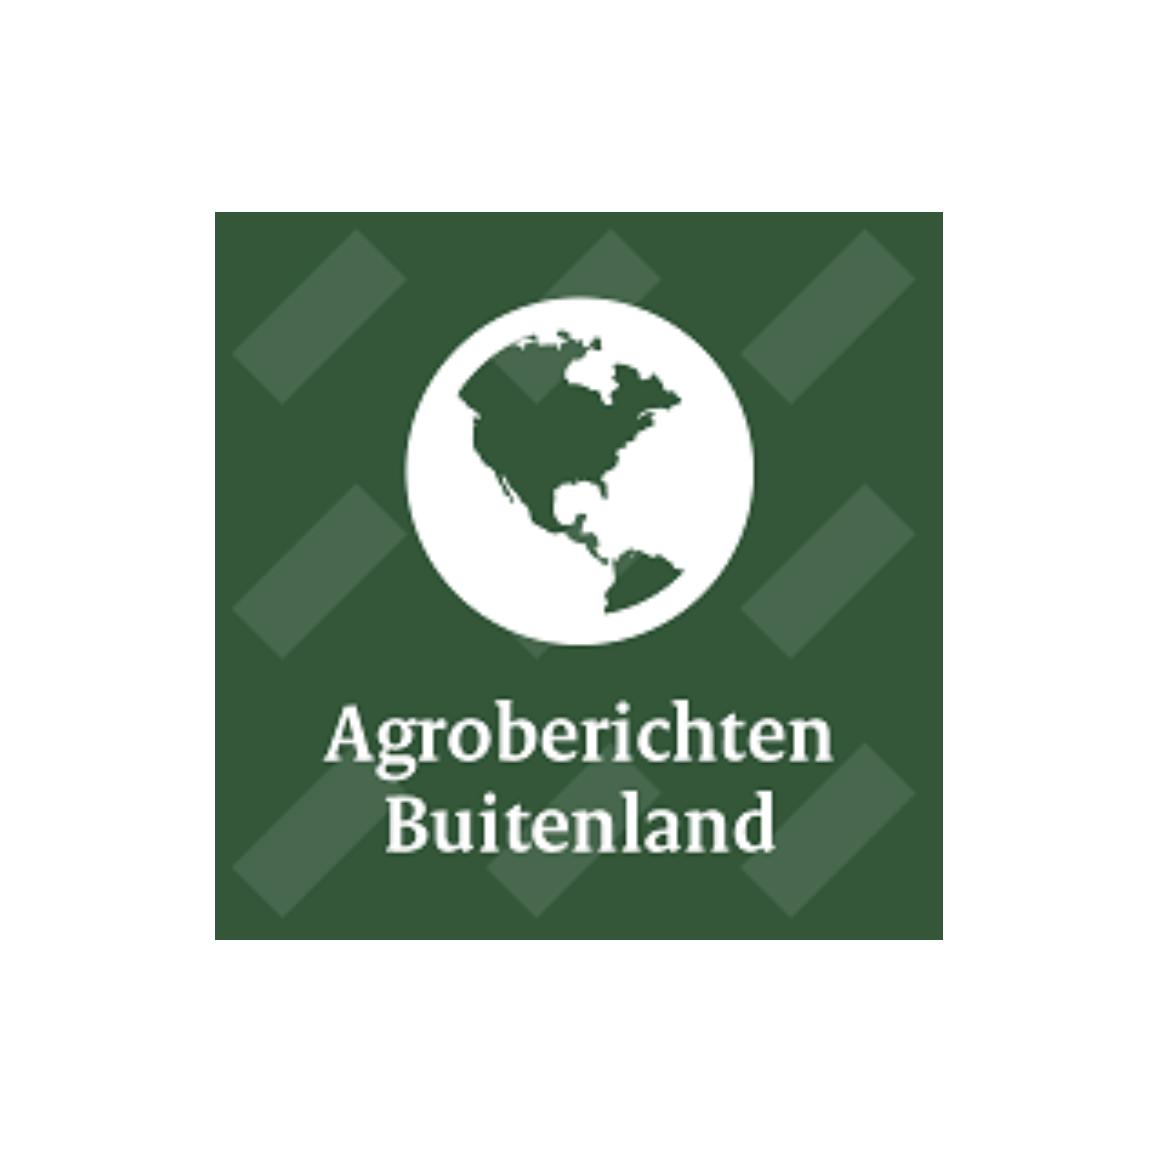 Landbouwattaché Netwerk logo by Joost Bastmeijer.png